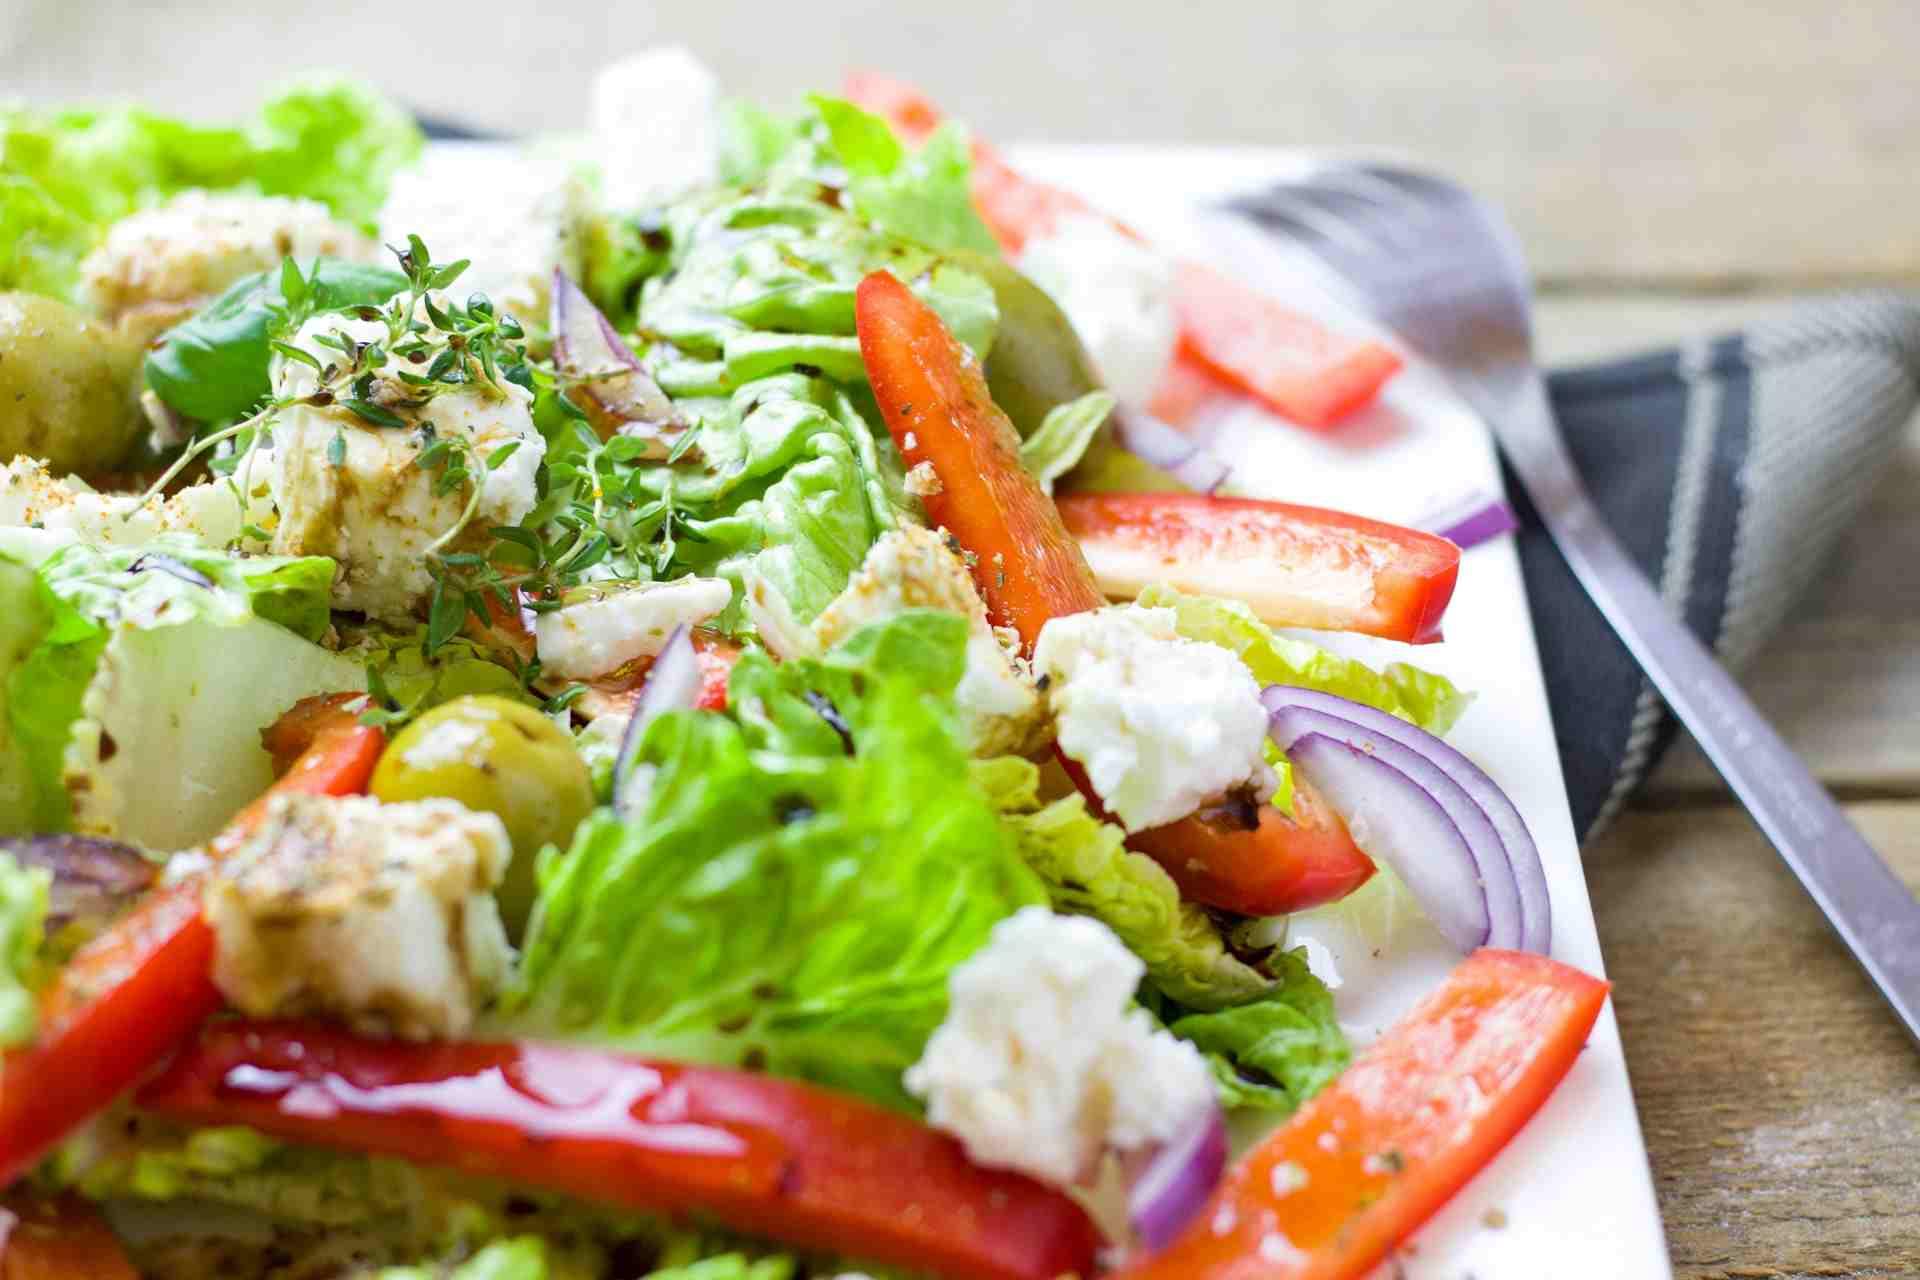 ПП салат с капустой и курицей: его можно есть утром, в обед и вечером